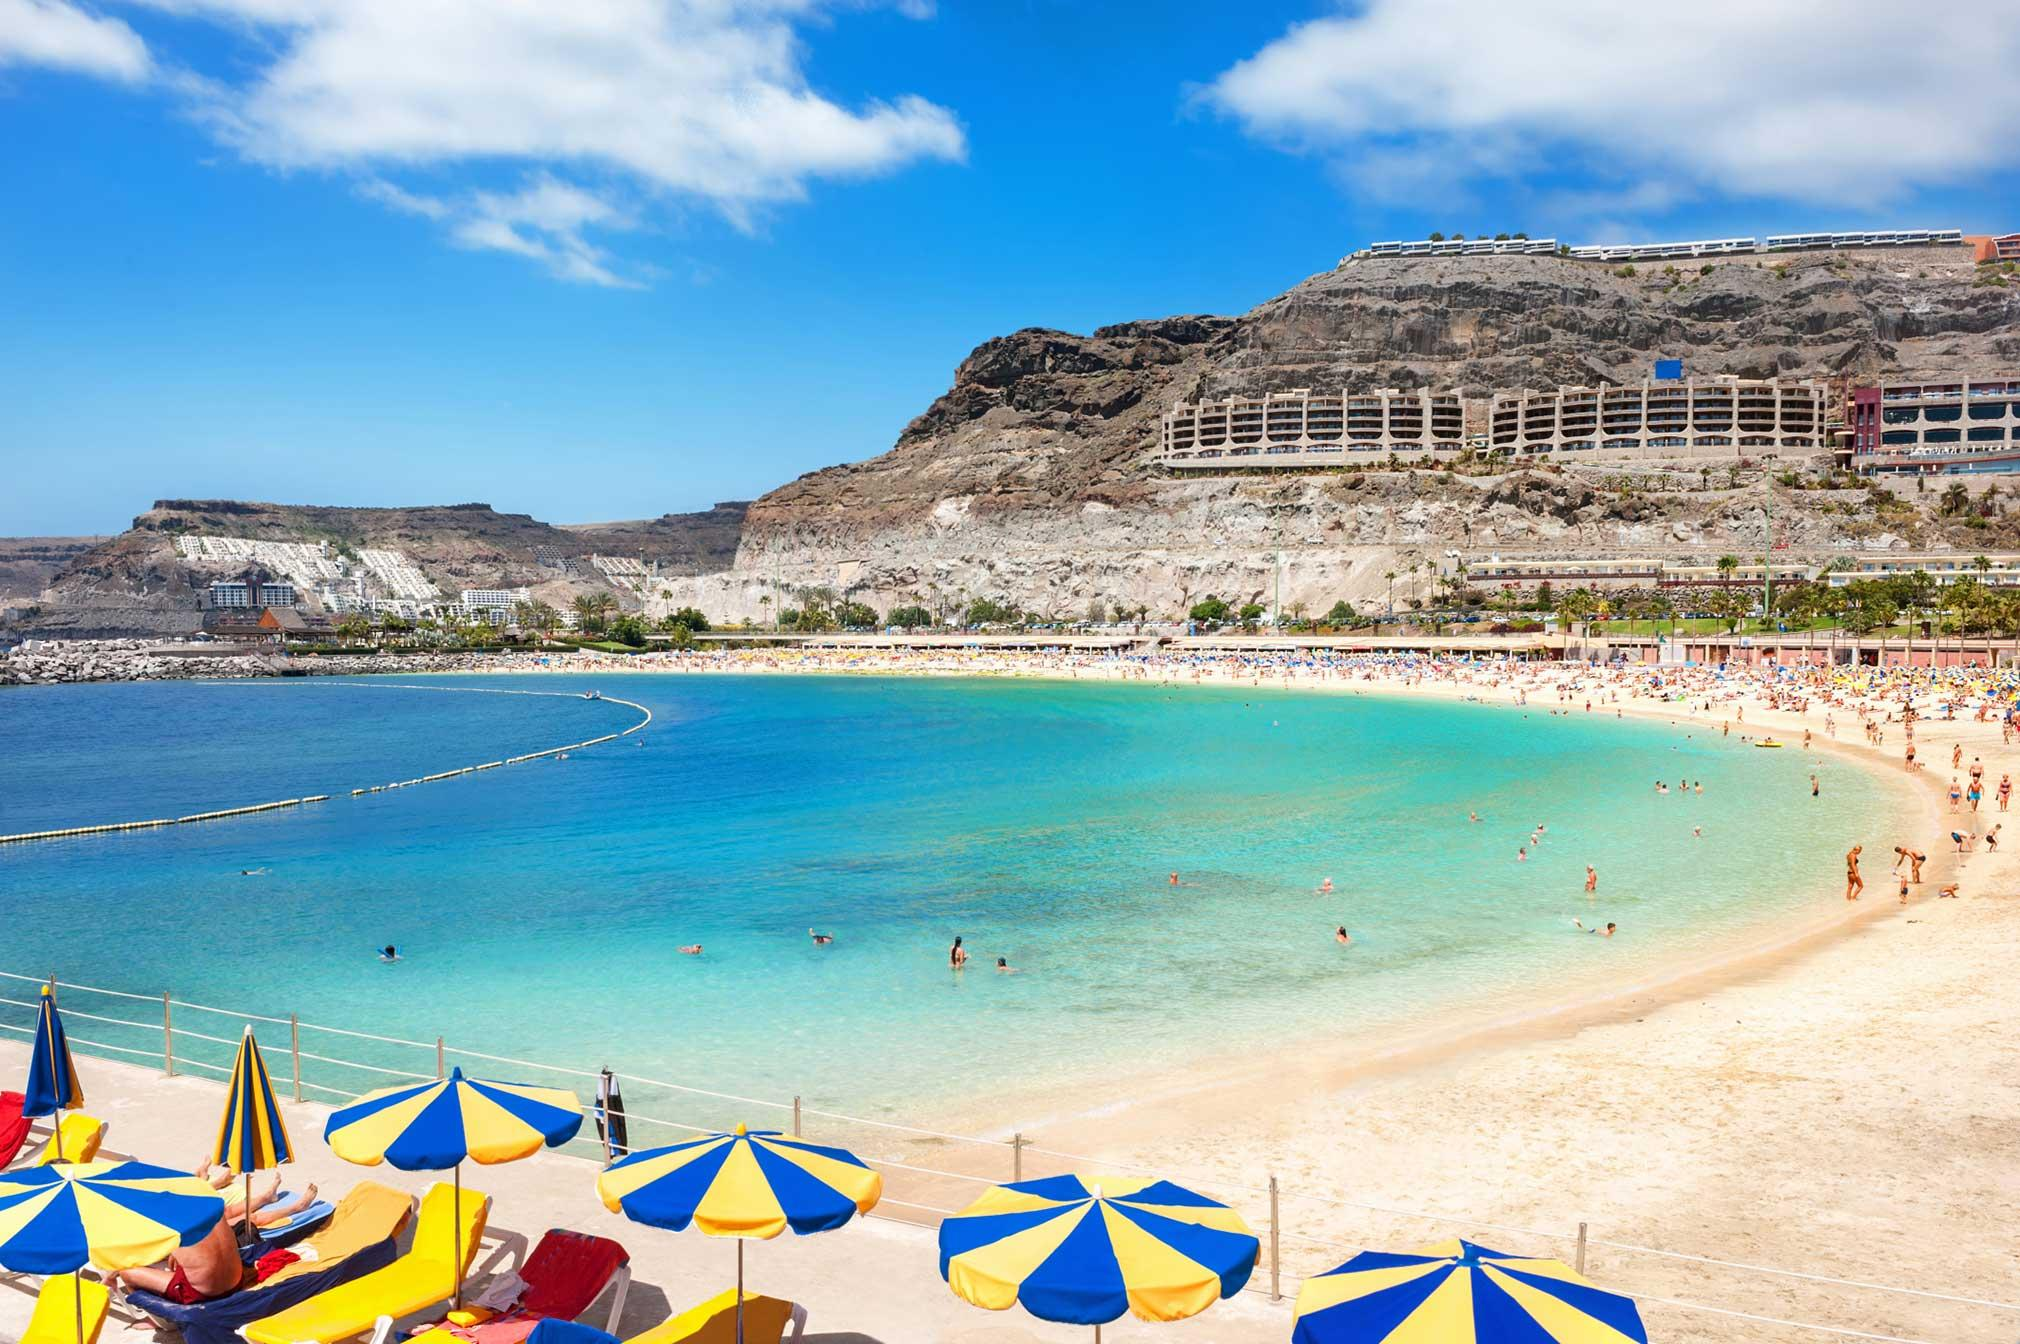 bästa stranden puerto rico